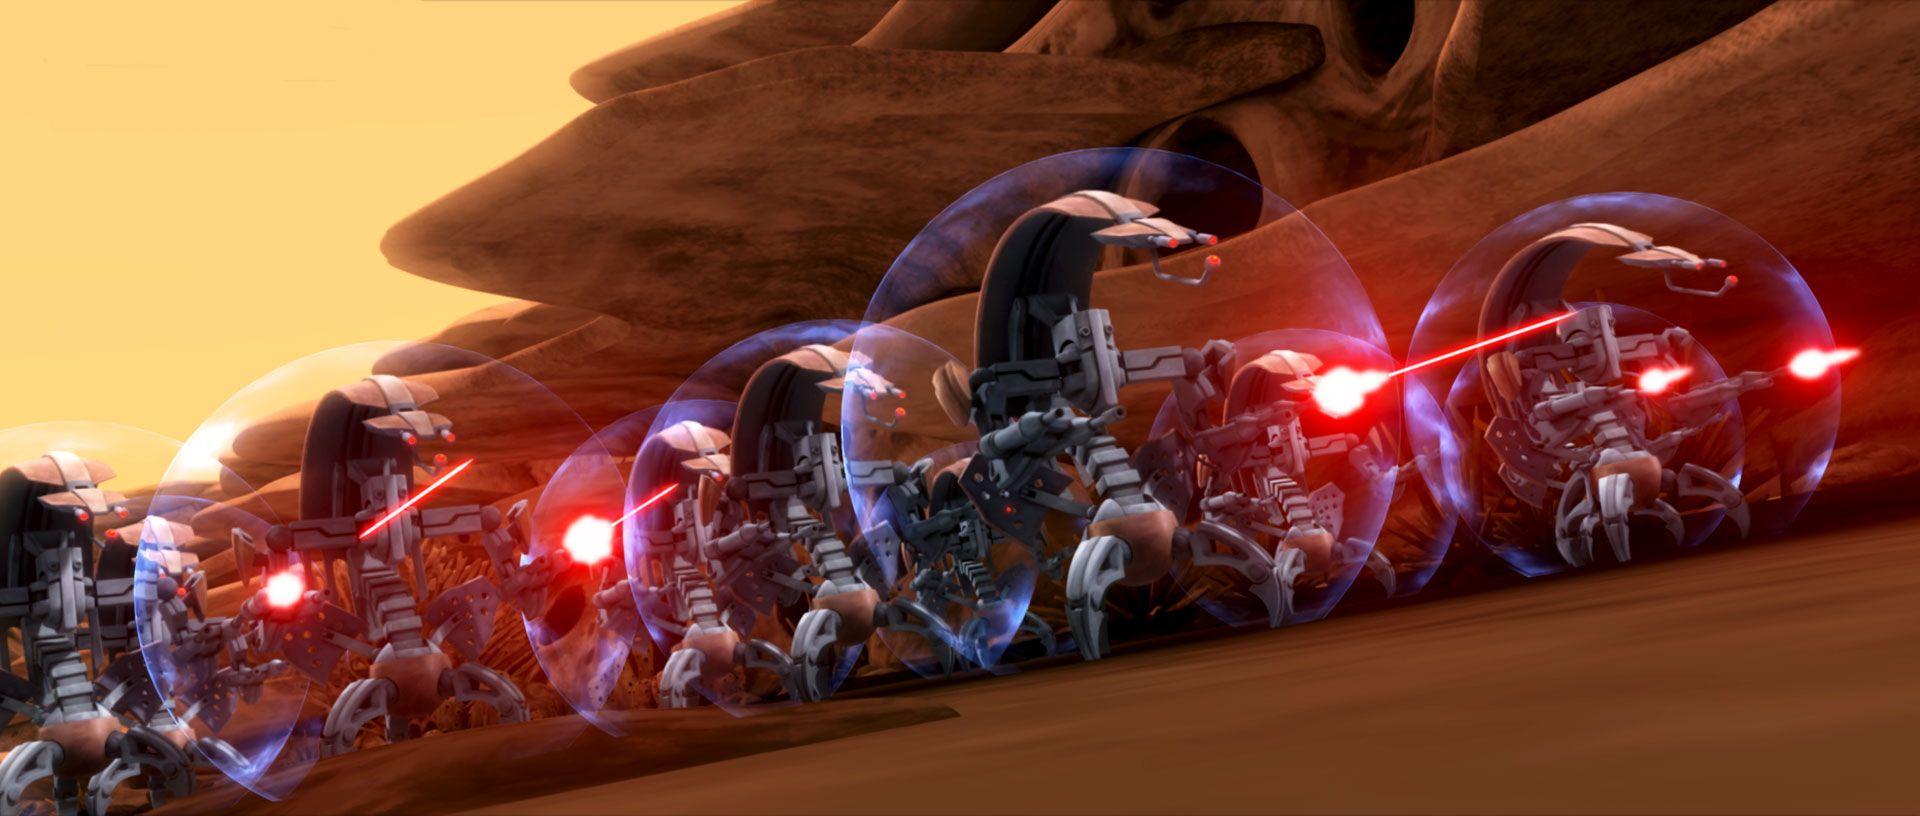 Droideka star wars clone wars clone wars star wars droids